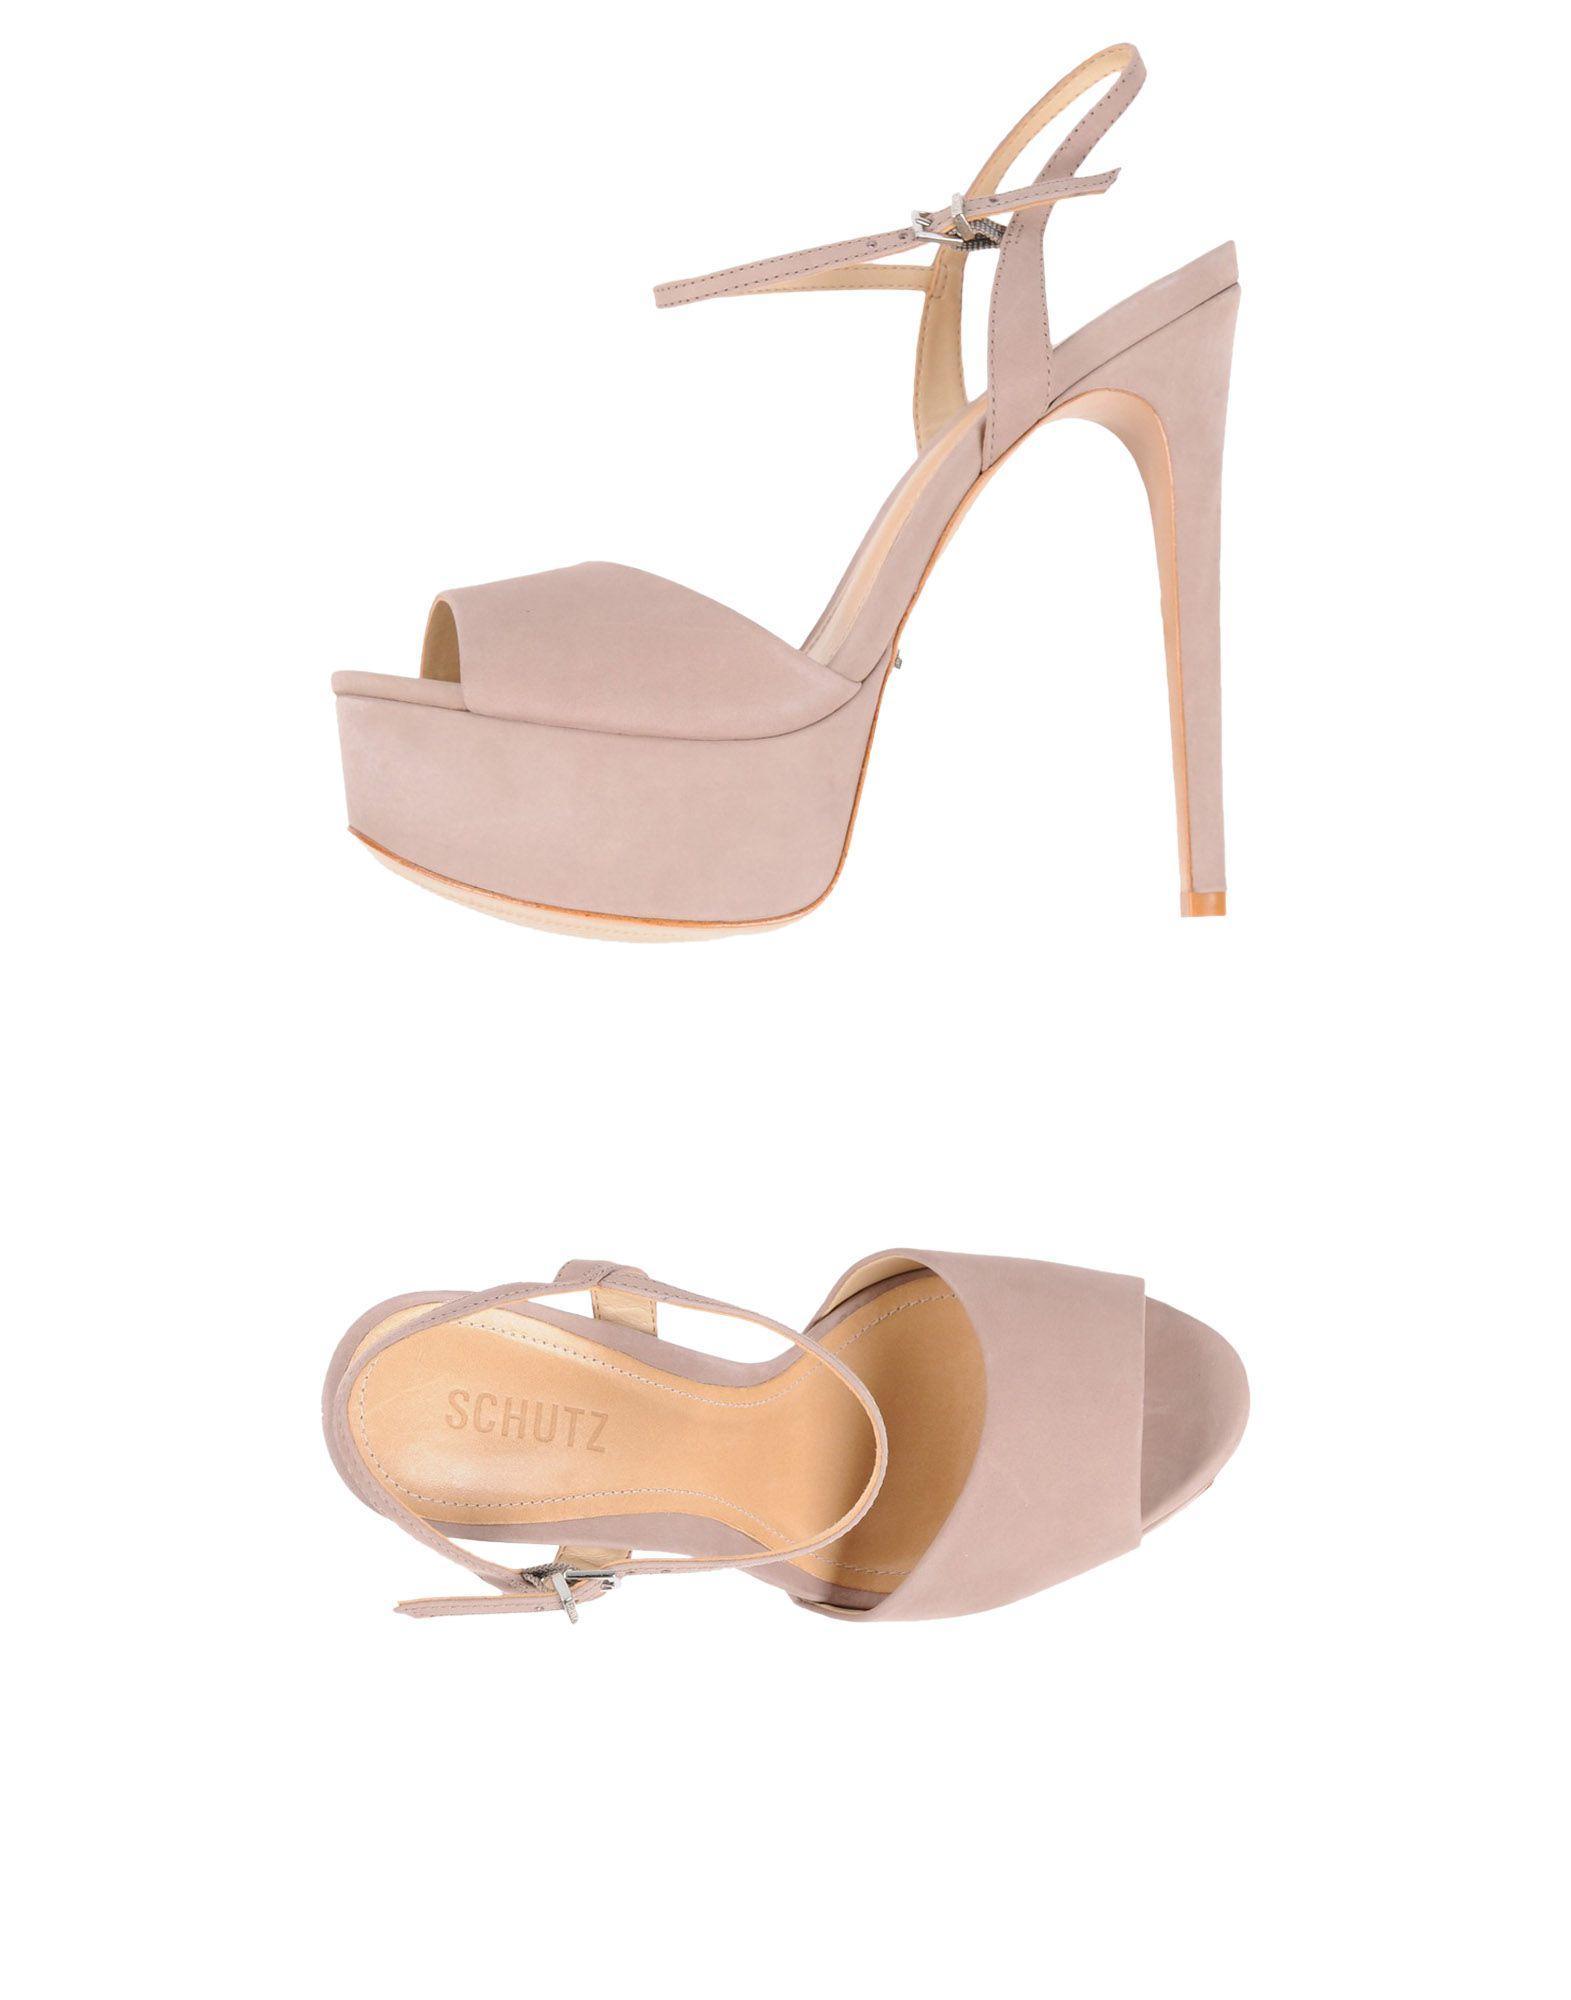 Schutz Sandals In Light Brown